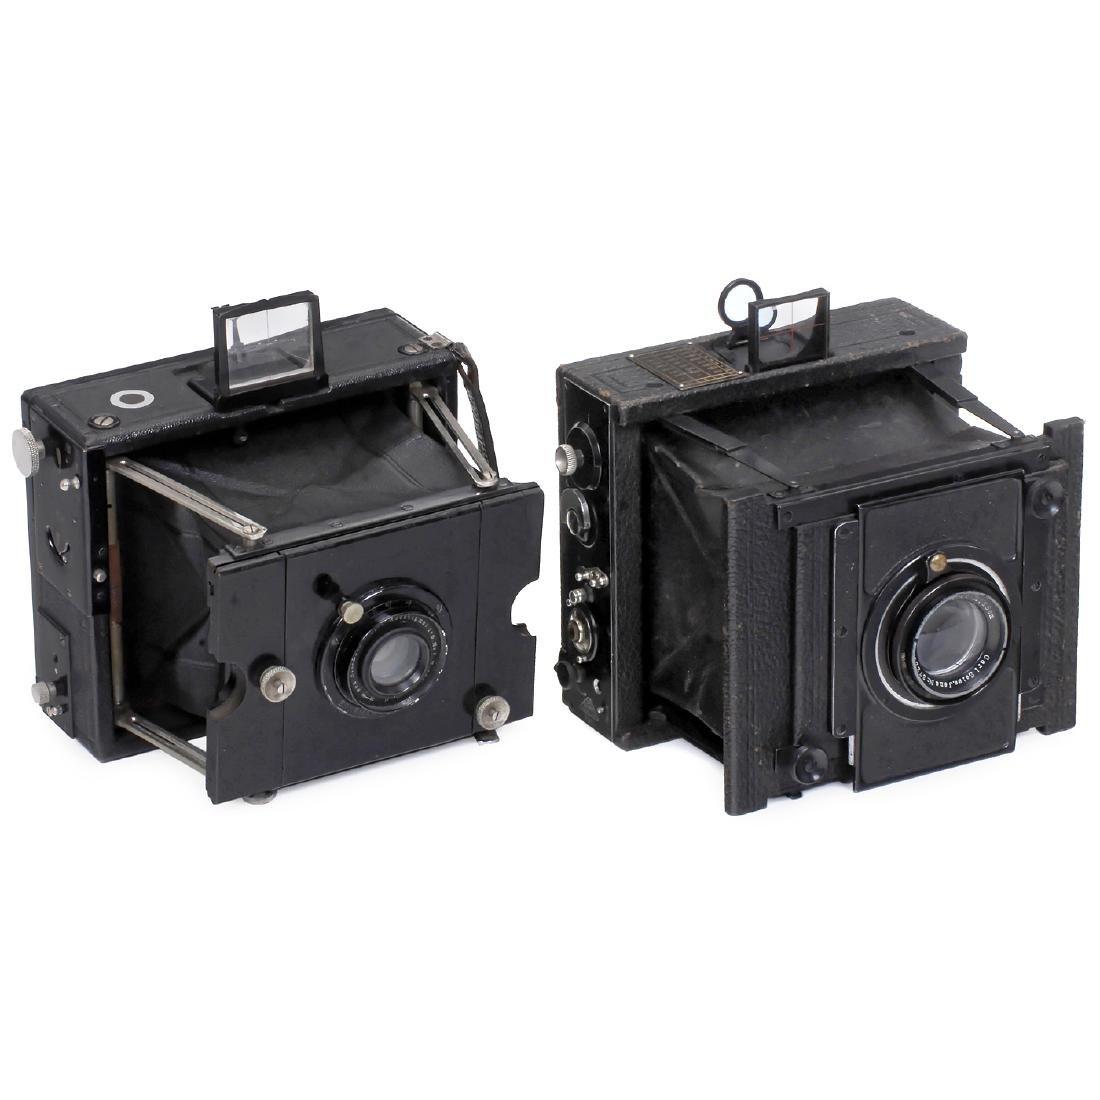 Ernemann und Goerz Strut-Folding Cameras